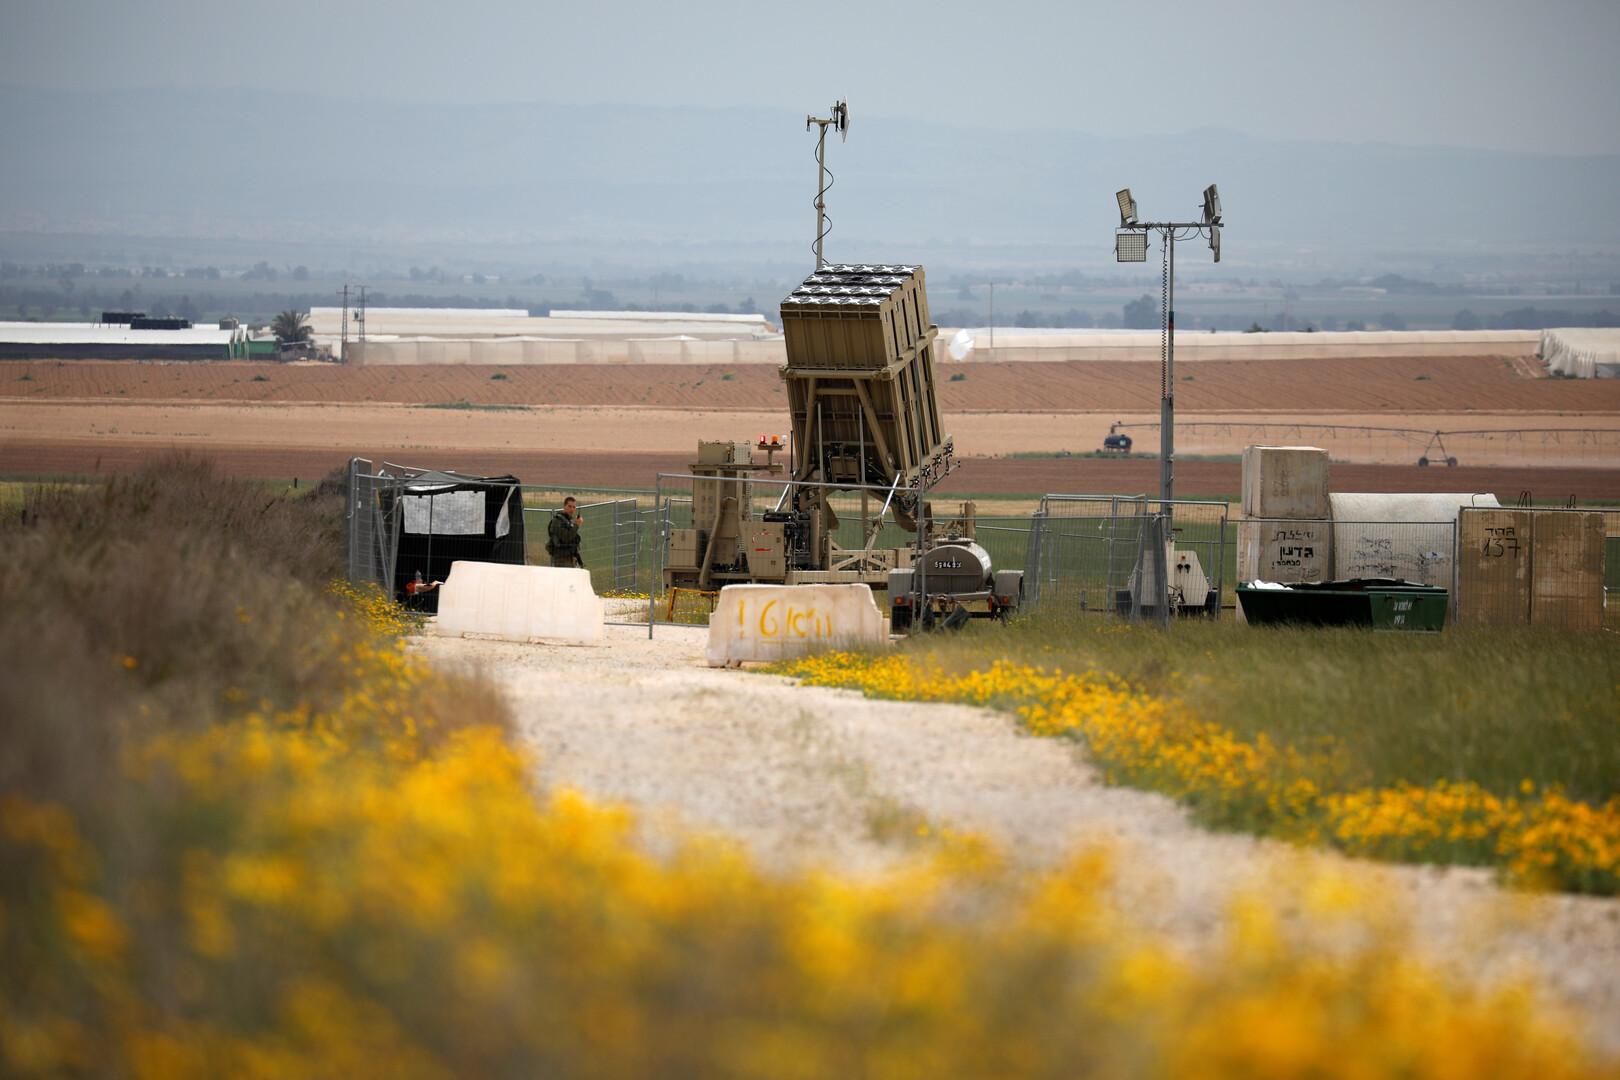 الجيش الإسرائيلي: اعتراض صاروخين أطلقا من قطاع غزة باتجاه عسقلان وأسدود